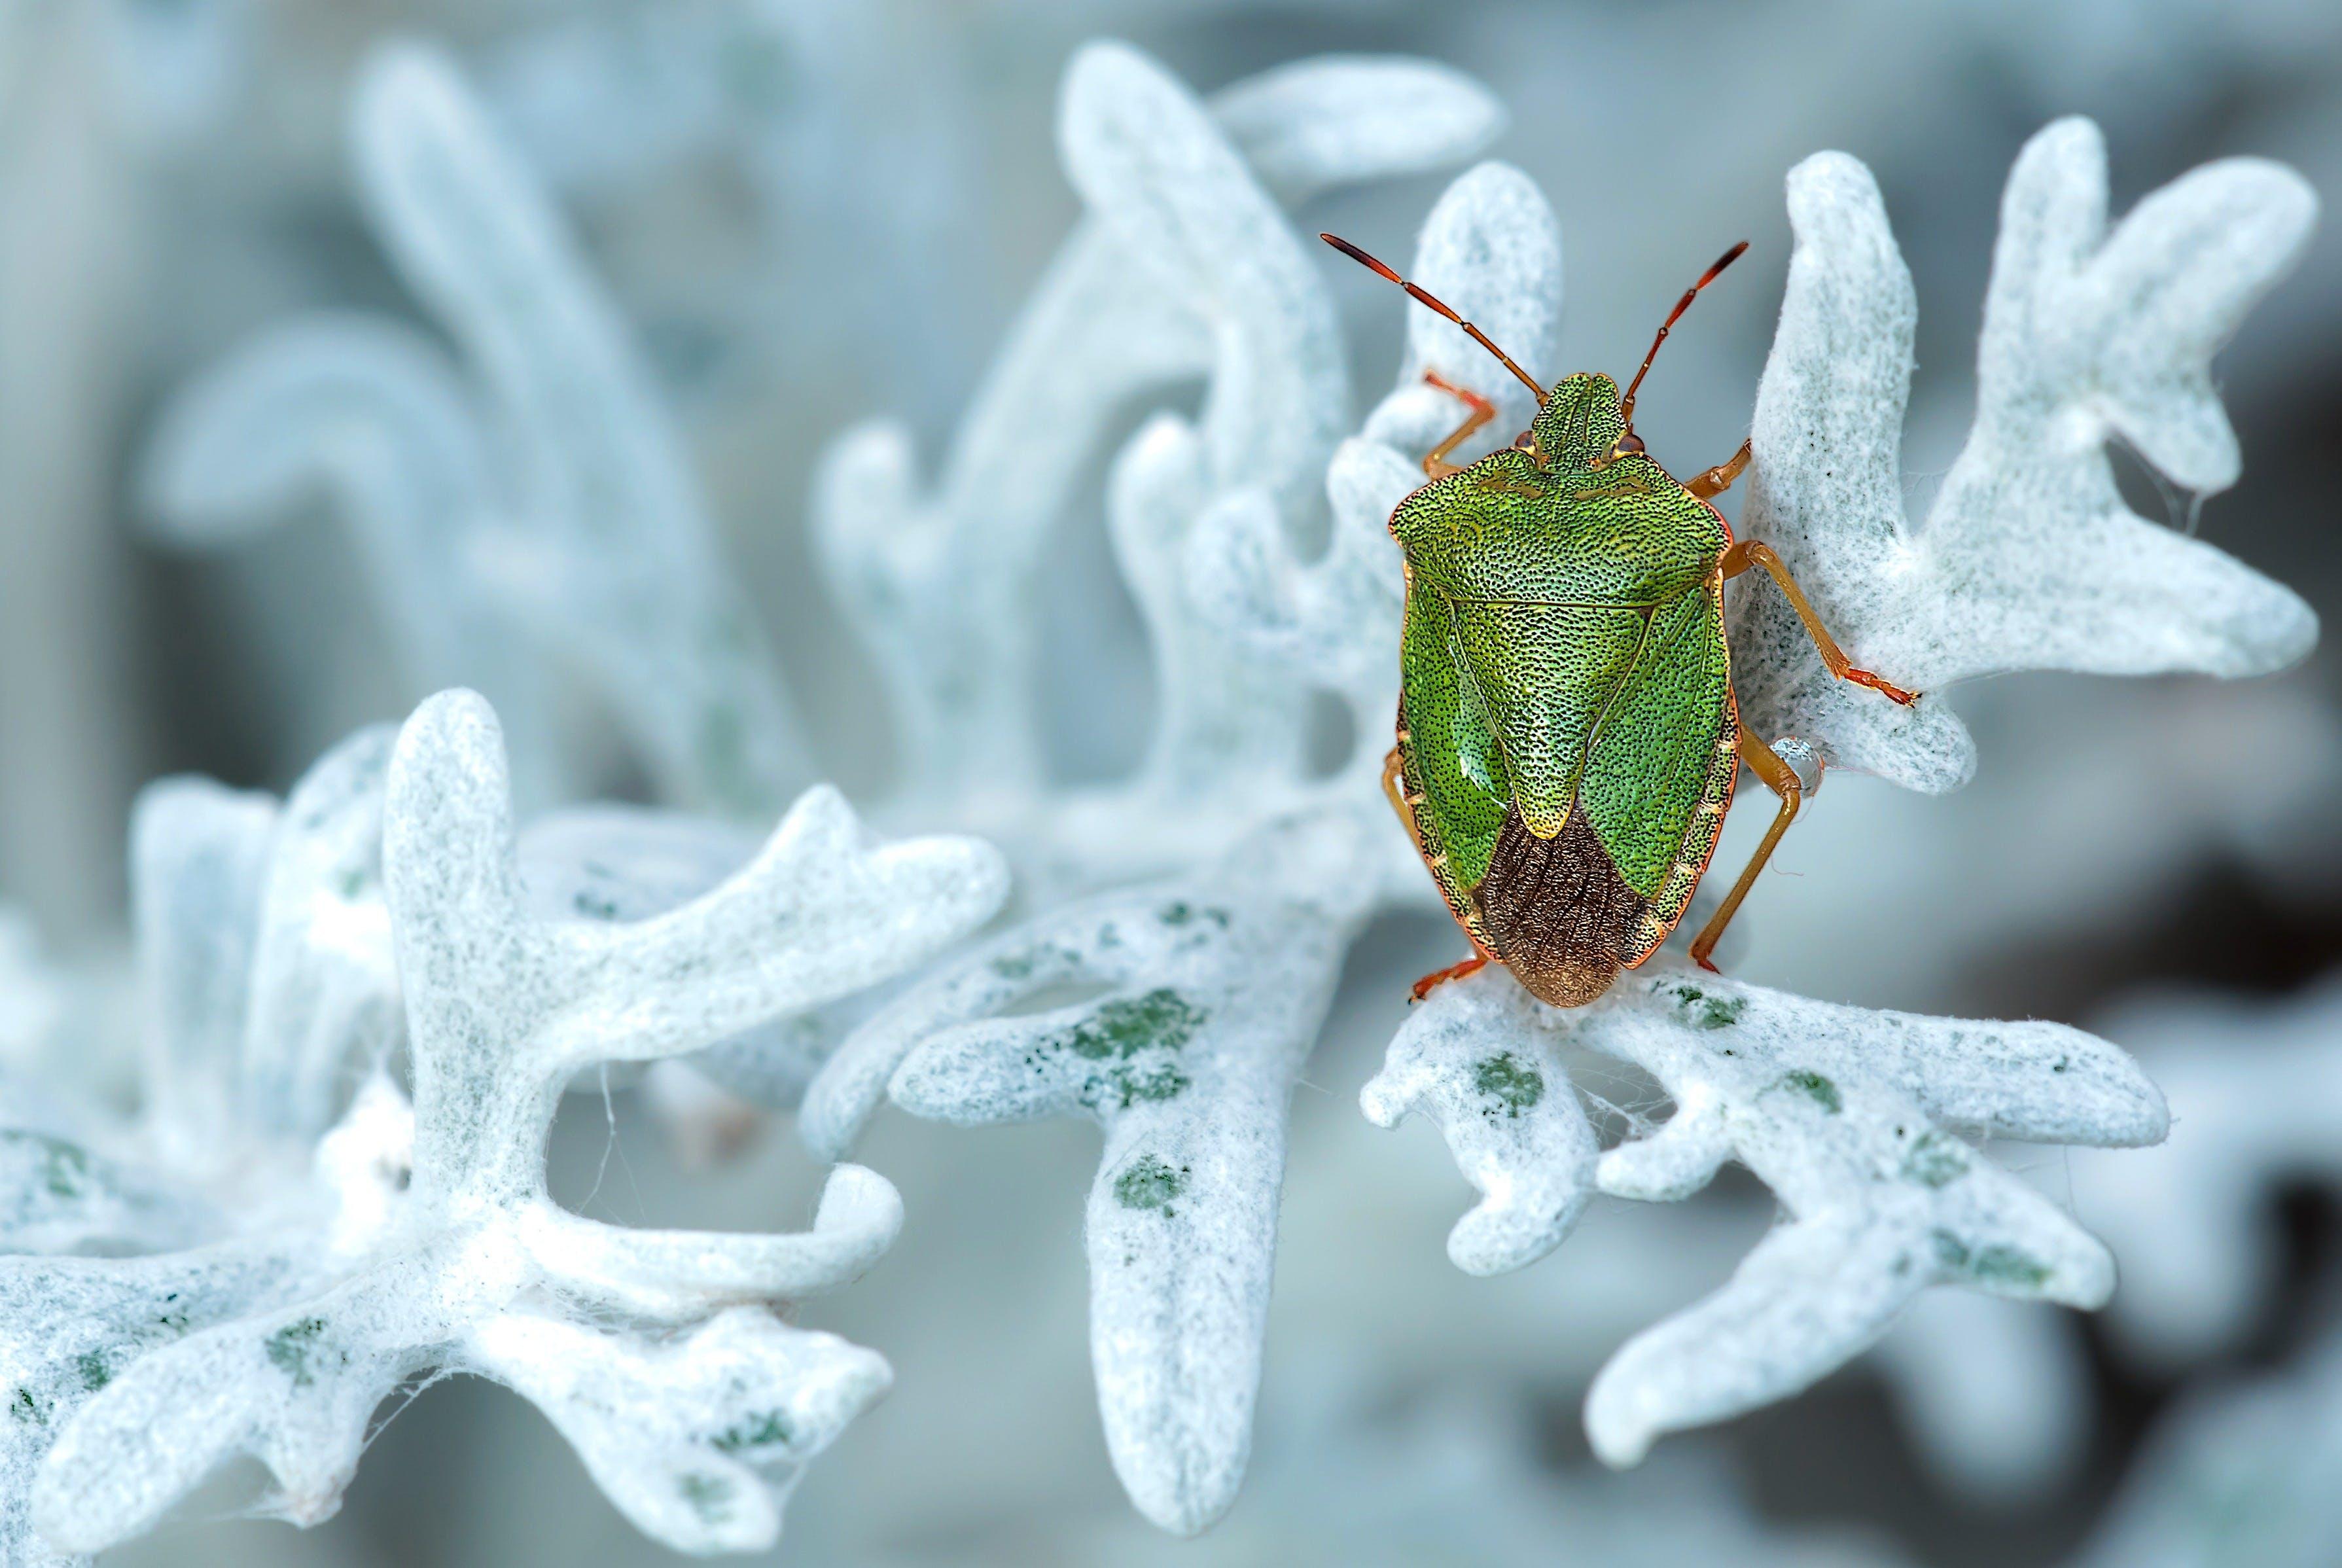 Kostenloses Stock Foto zu bug, flora, grünes schild bug, grün